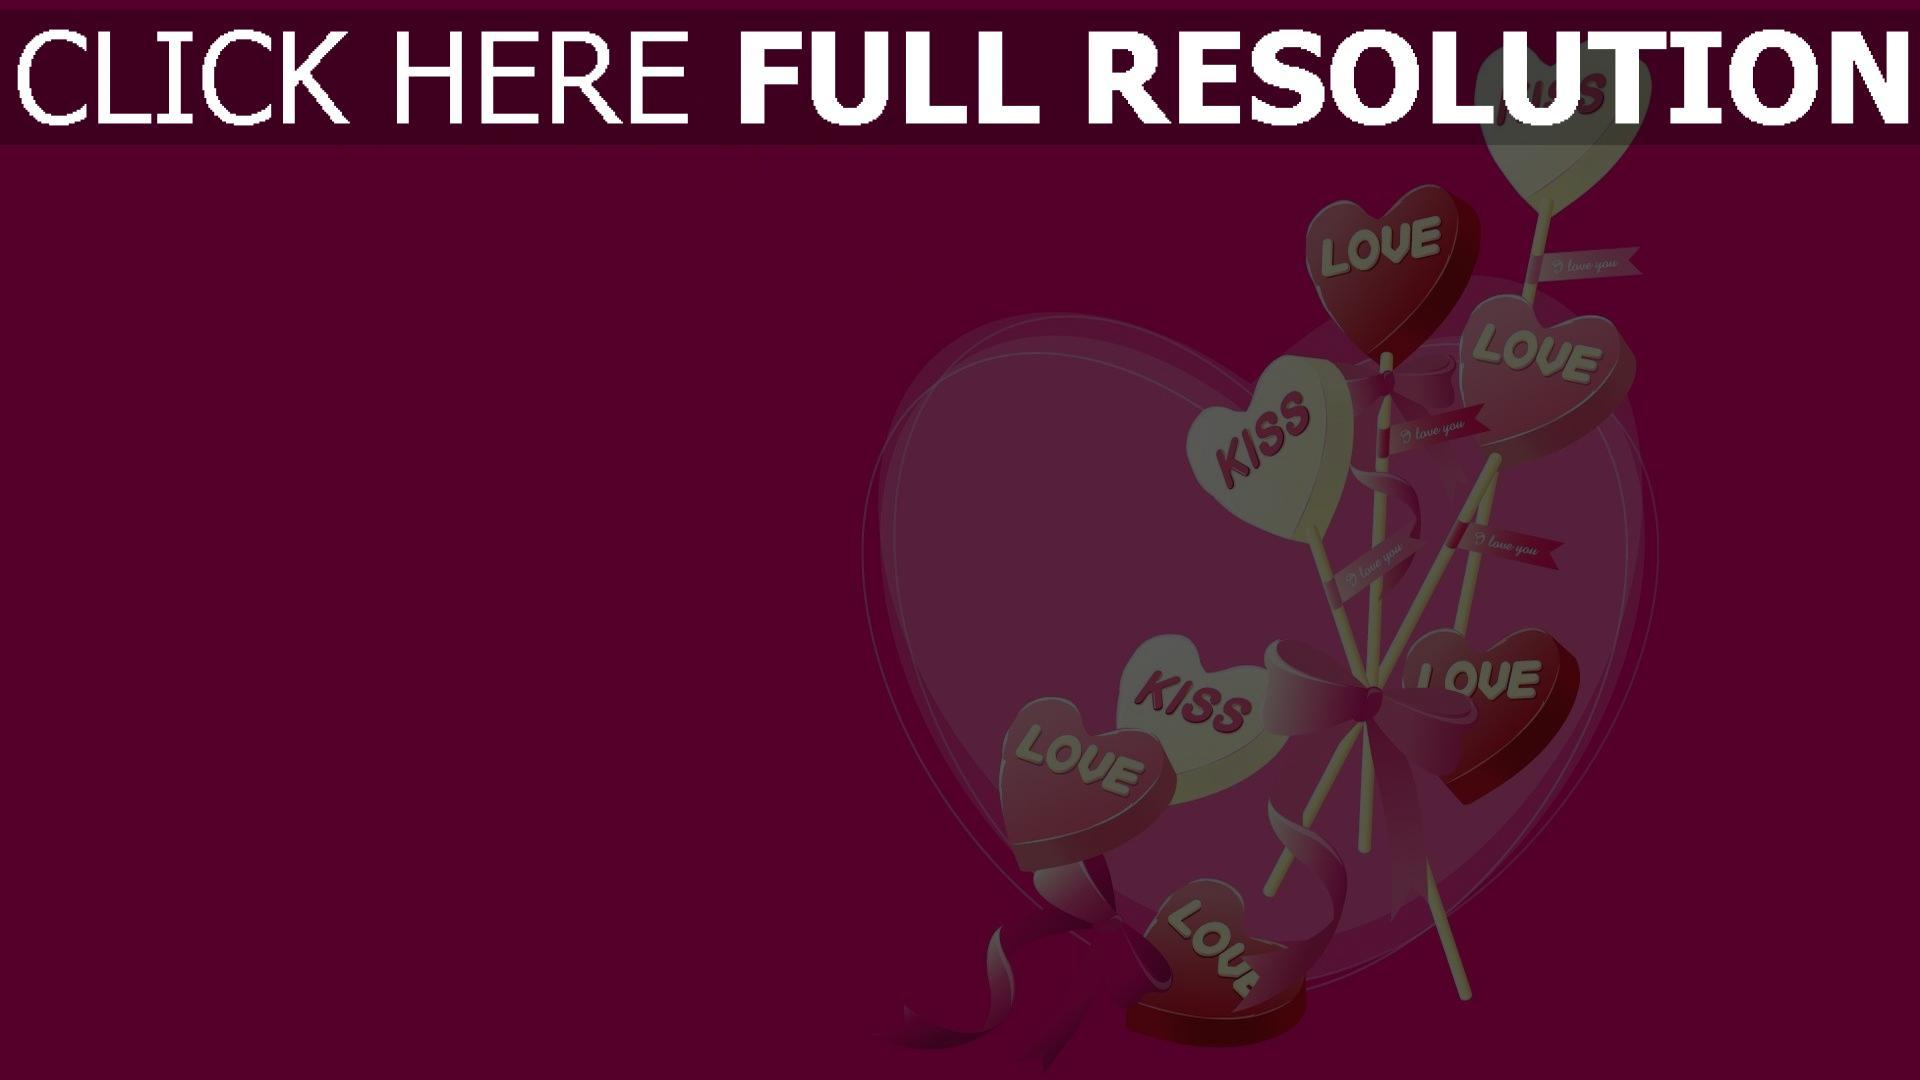 Hd Hintergrundbilder Valentinstag Herzen Formen Rosa Gluckwunsche